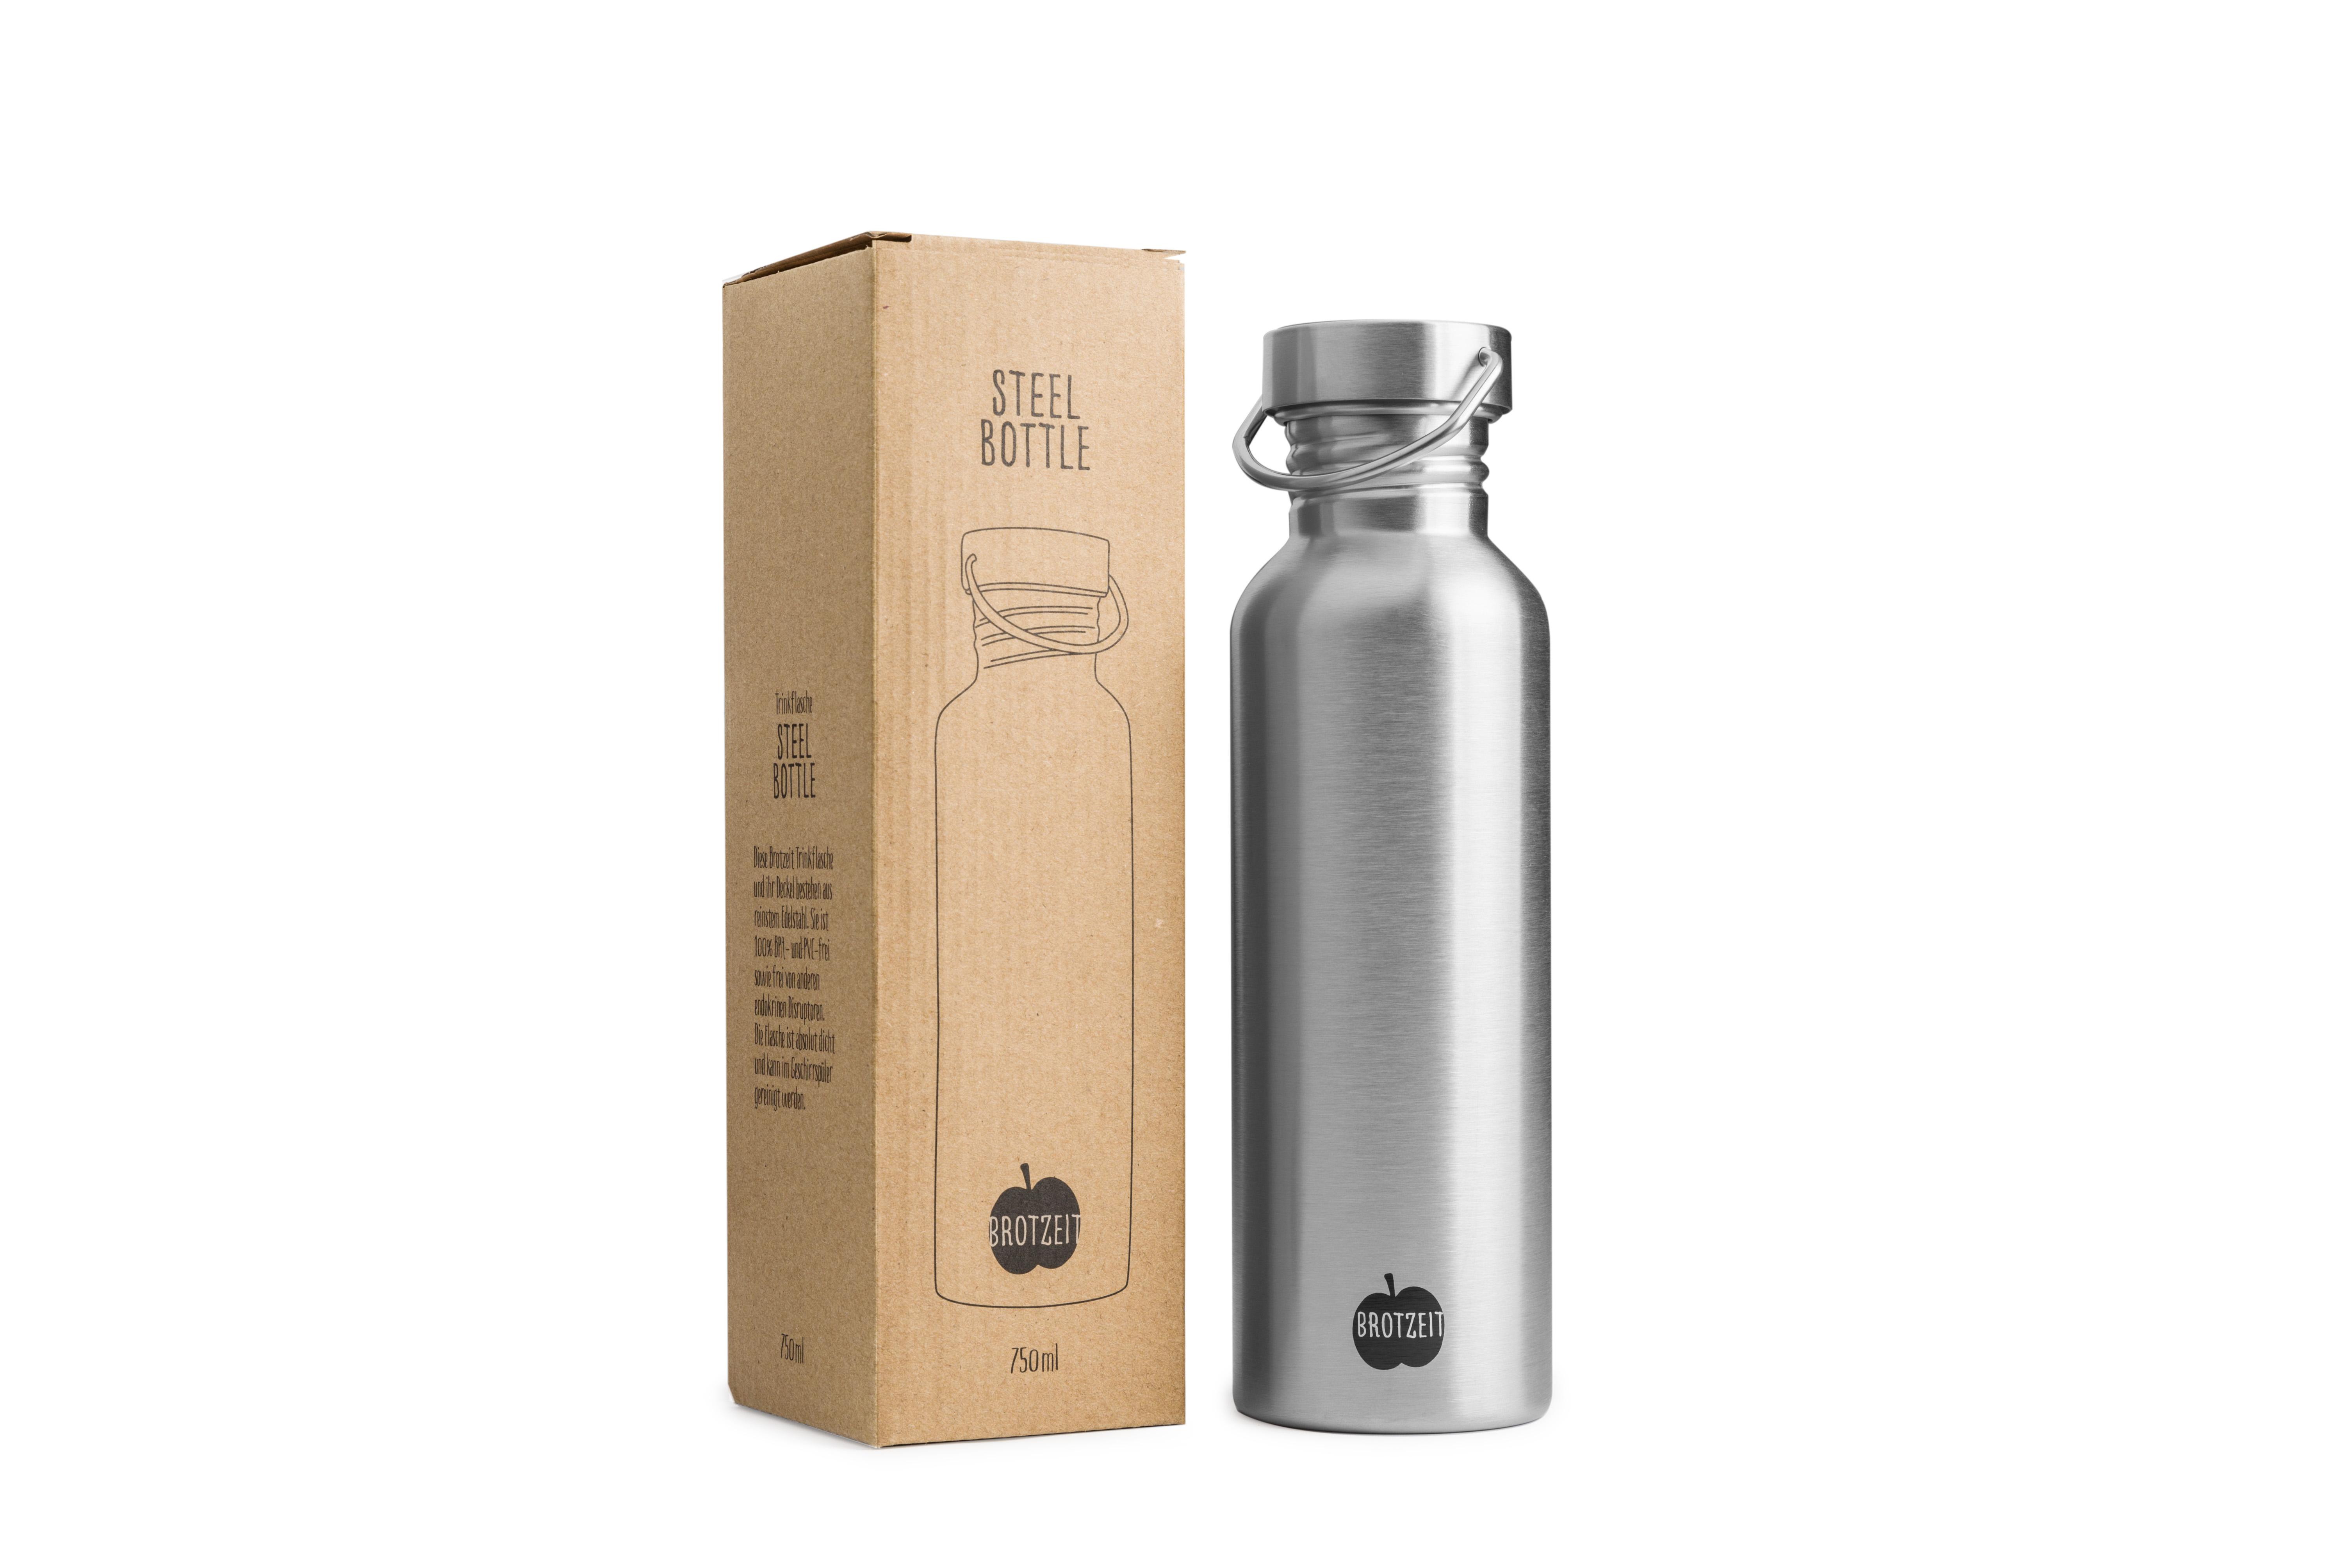 Edelstahlflaschen eignen sich bestens für unterwegs, Zudem halten sie ihren Inhalt lange warm, oder kalt, je nachdem womit sie gefüllt sind. Fotocredit: pure and green